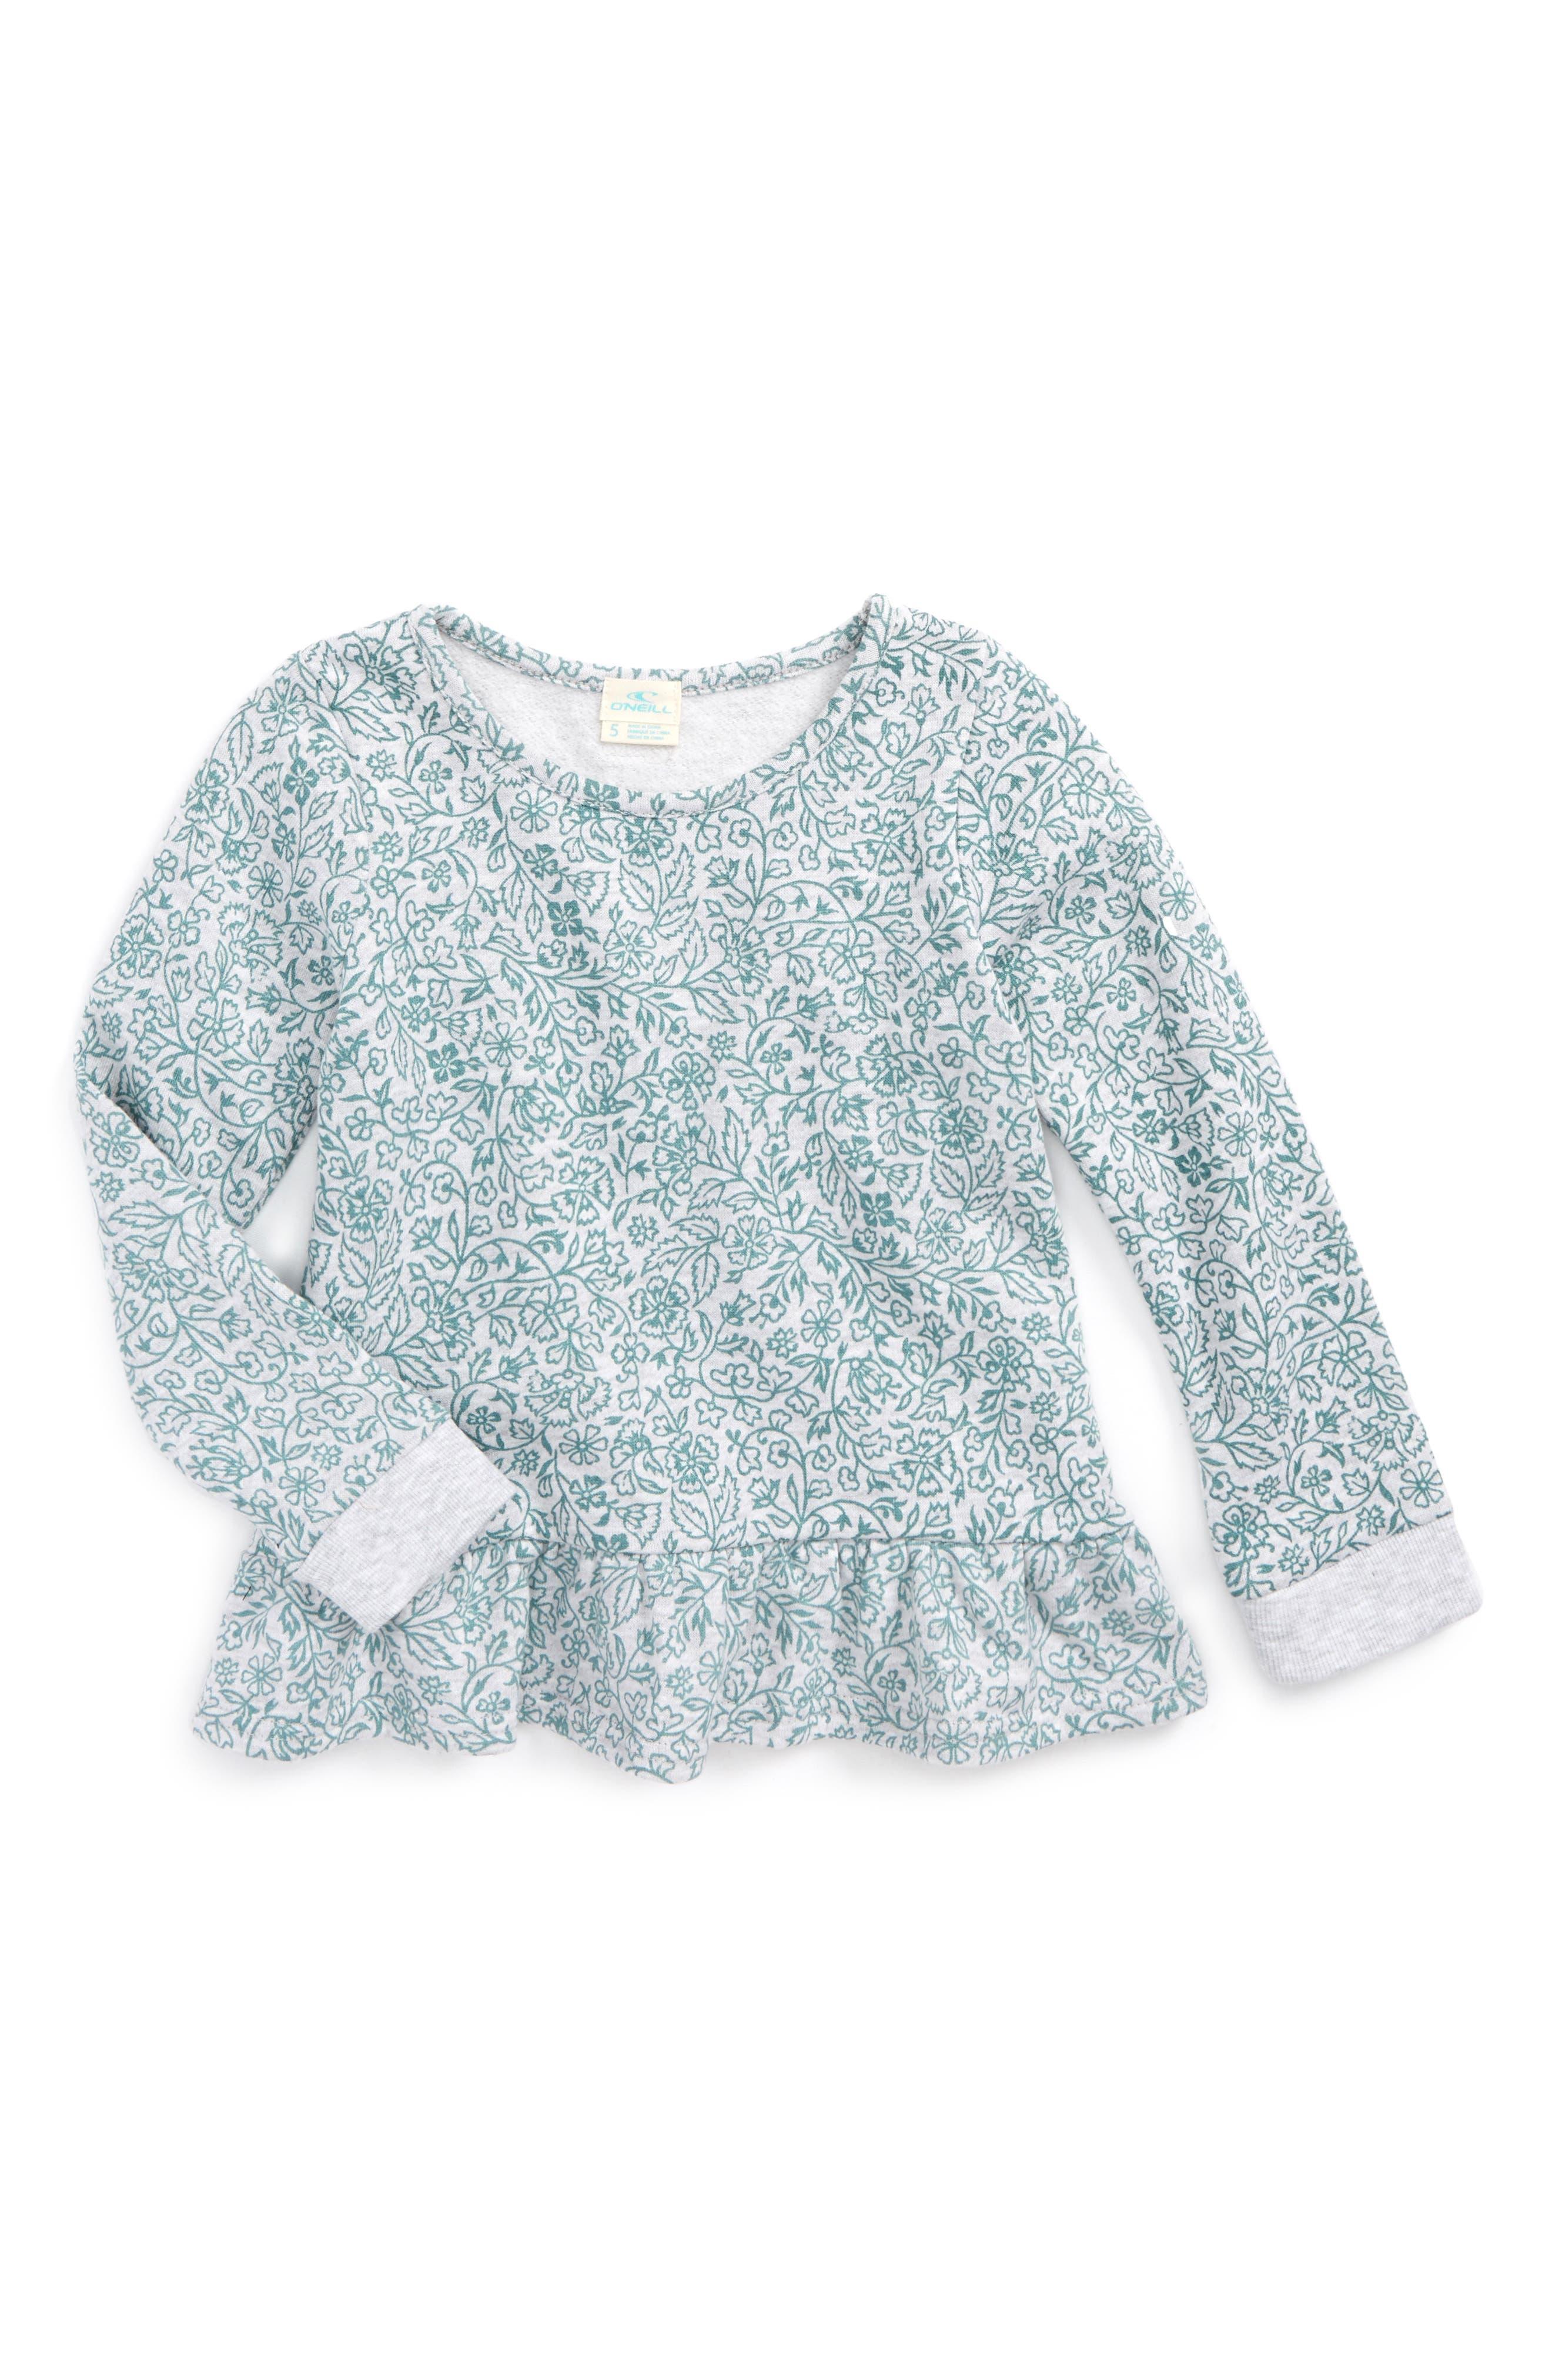 Loveland Fleece Sweatshirt,                             Main thumbnail 1, color,                             030